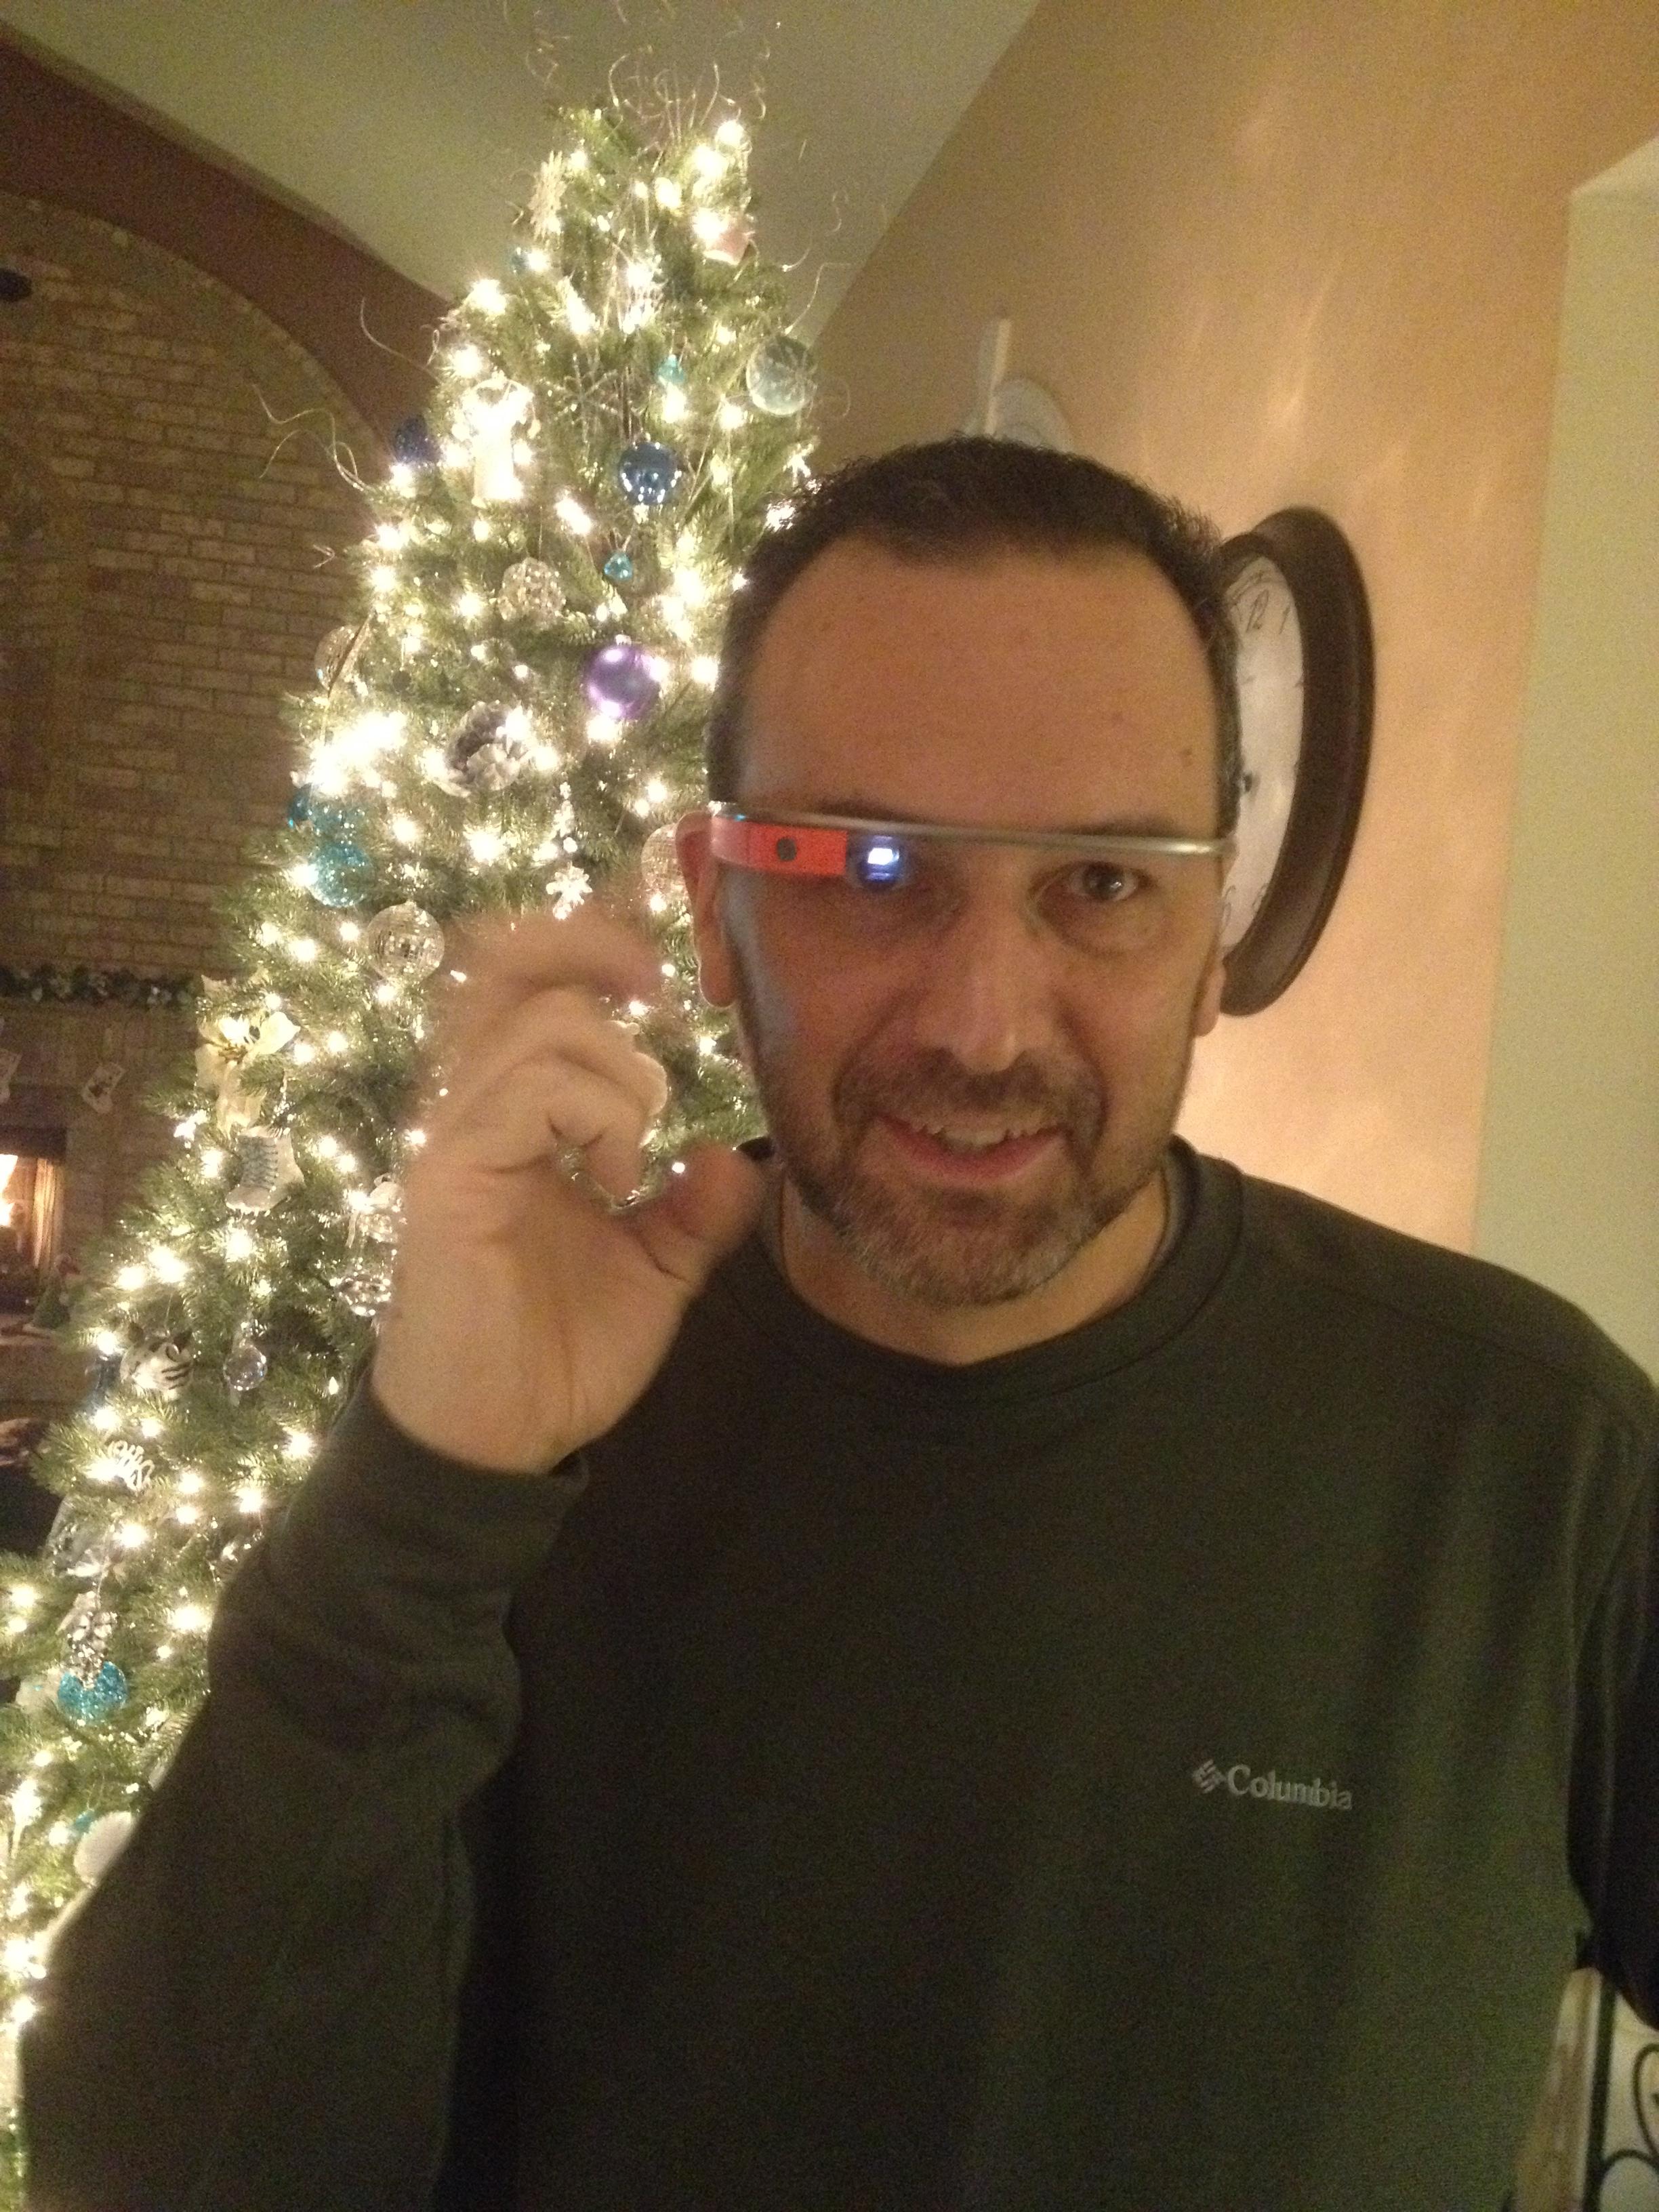 Fun with Google Glass